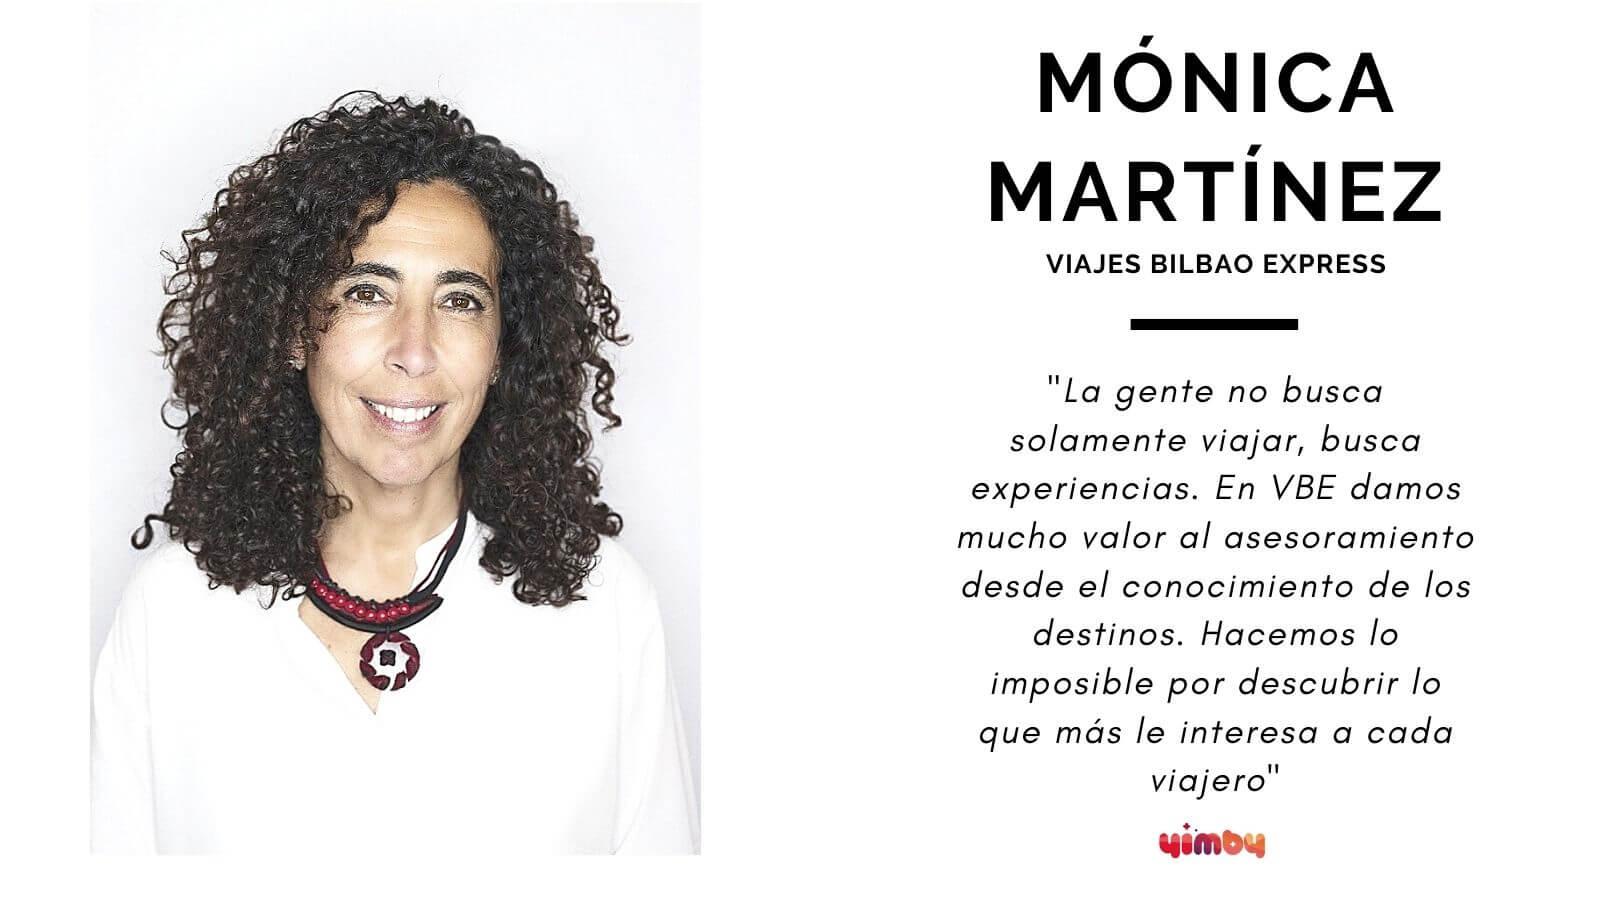 Foto Entrevista Mónica Martínez de Viajes Bilbao Express